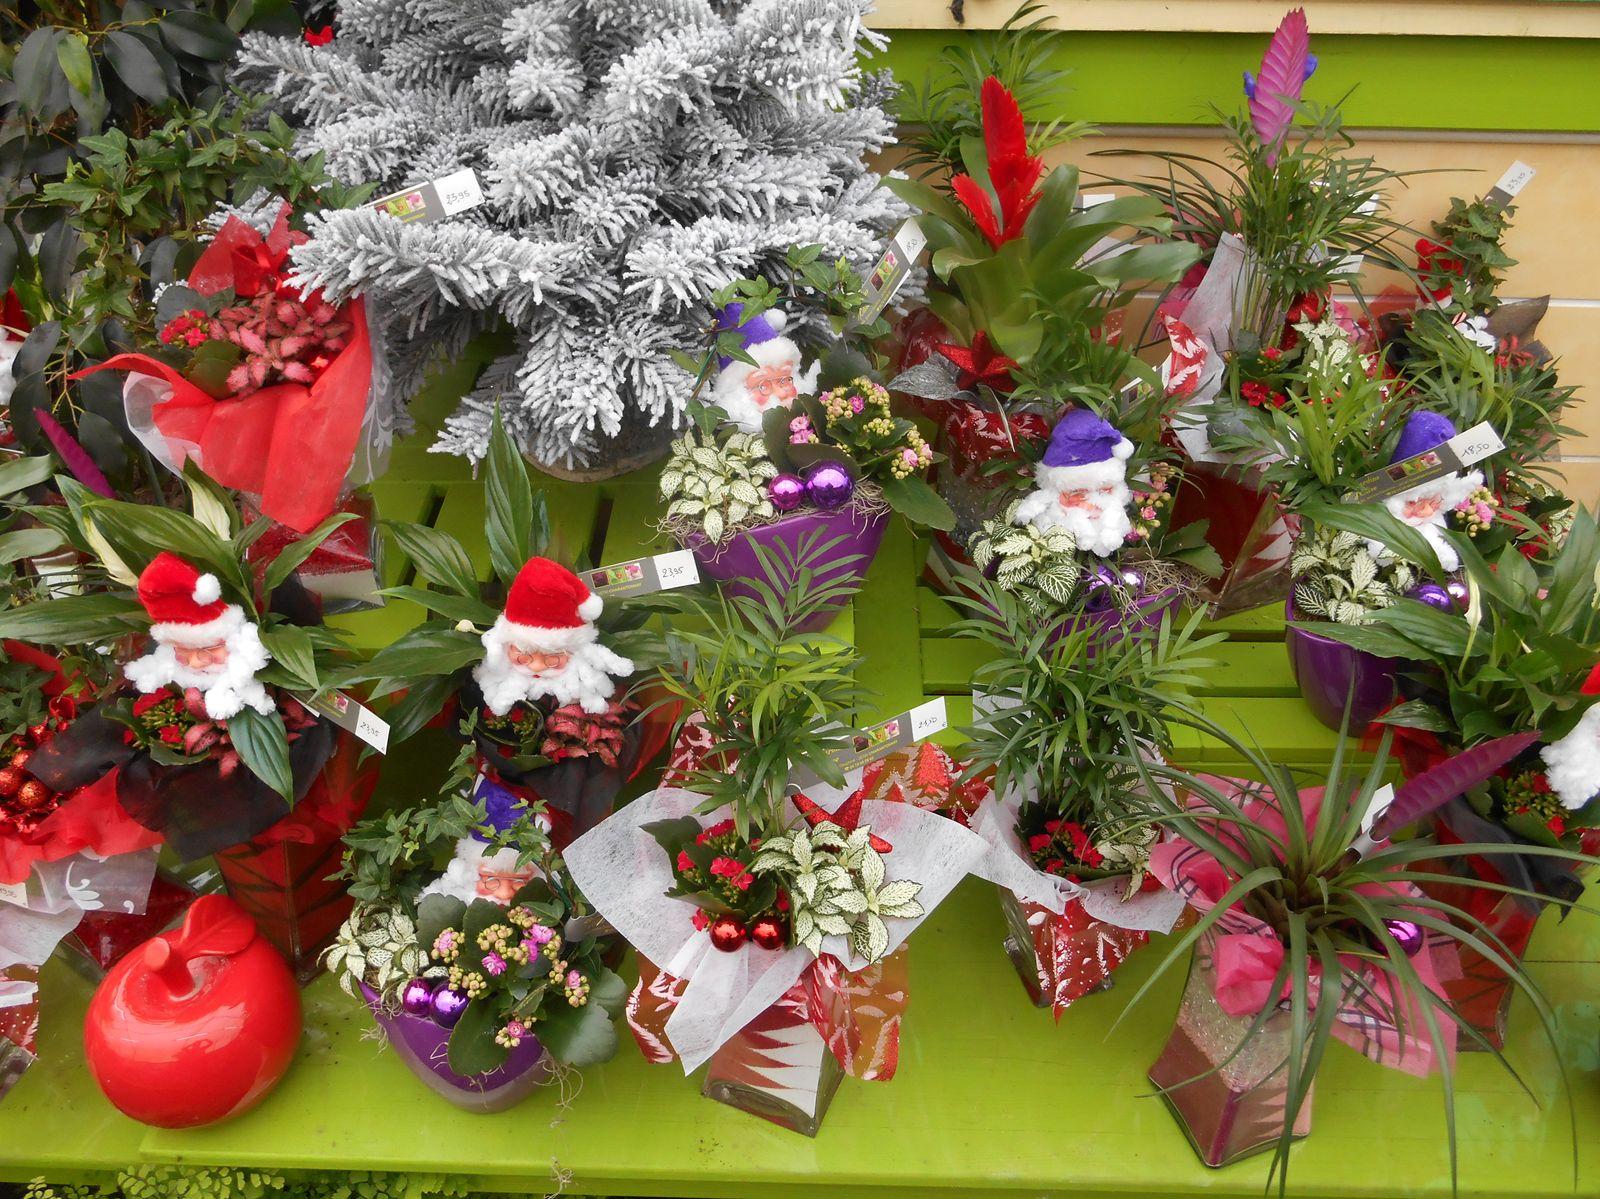 Notre boutique cadeaux pour noel - Petit cadeau de table pour noel ...